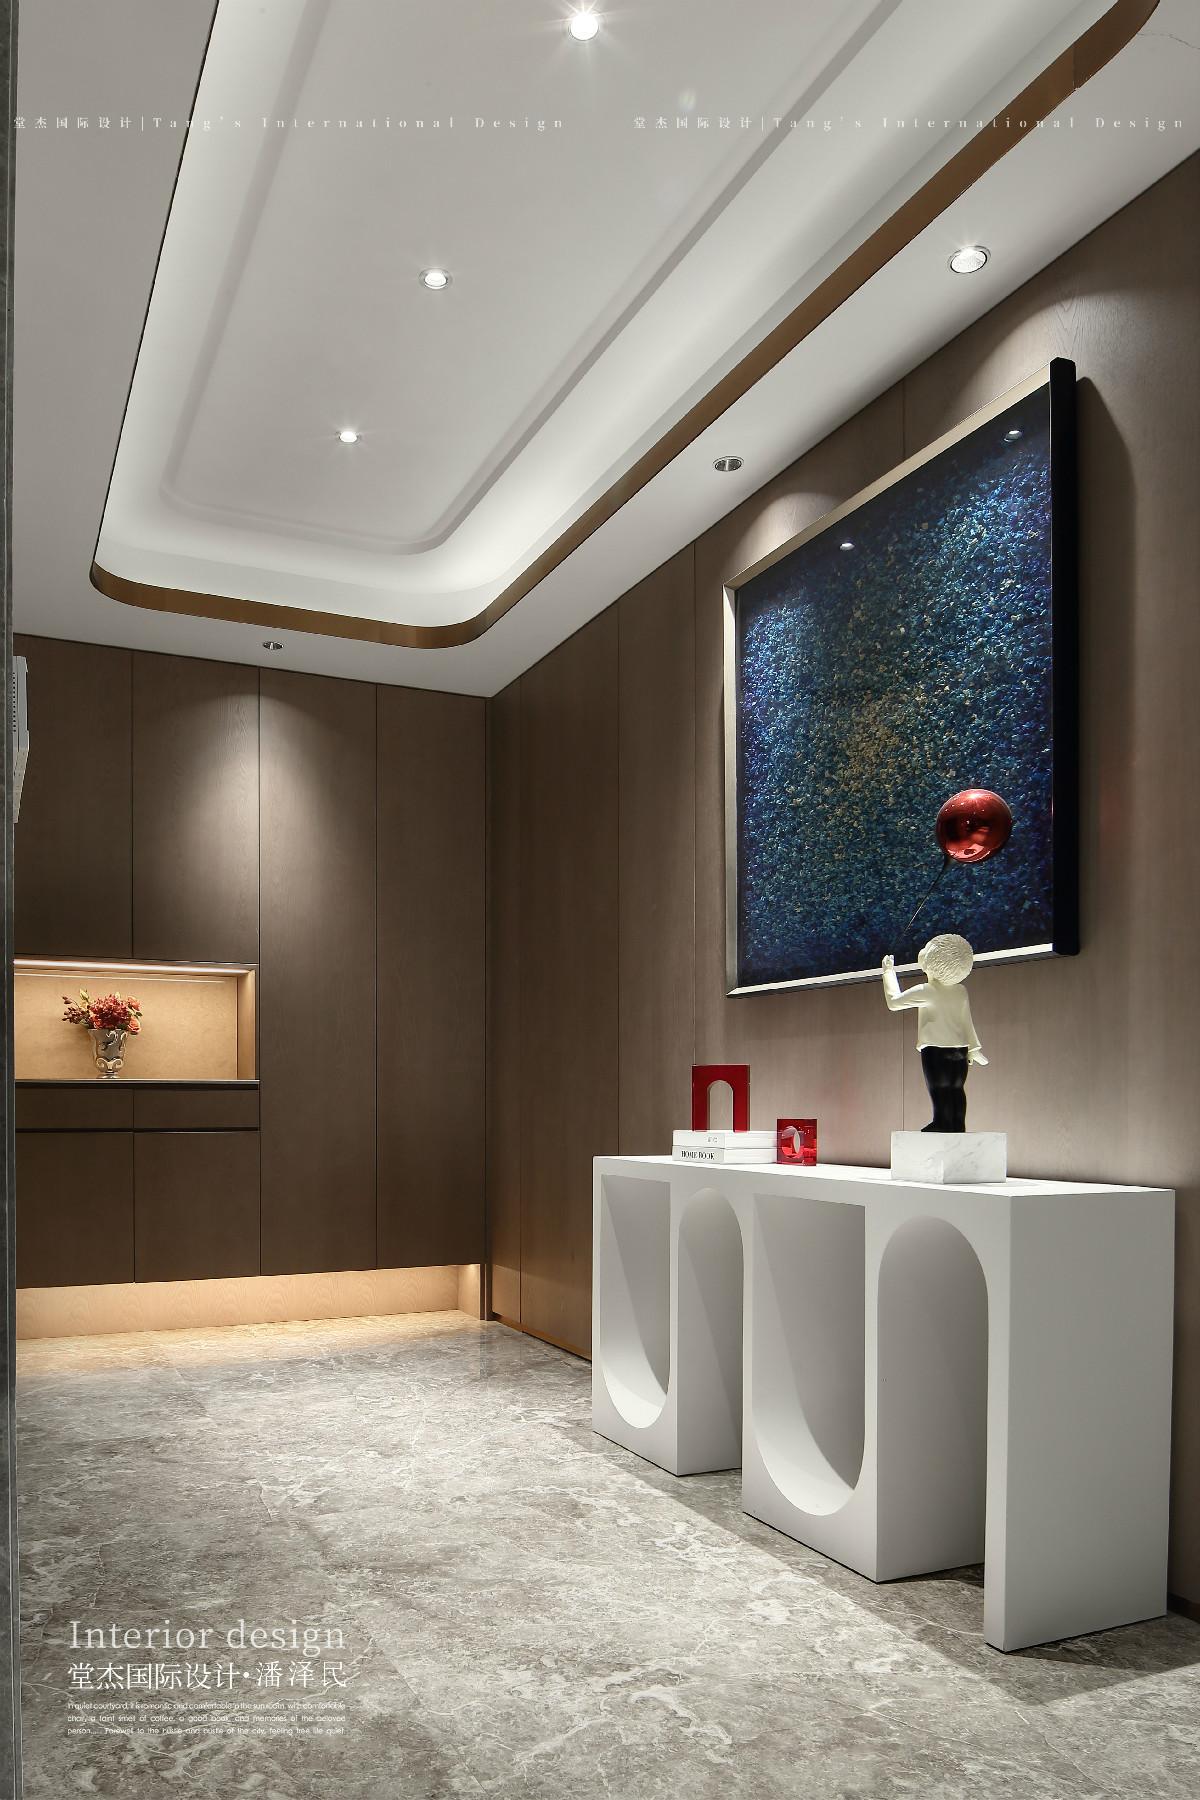 雅居乐滨江国际-现代轻奢-大平层 装修图片